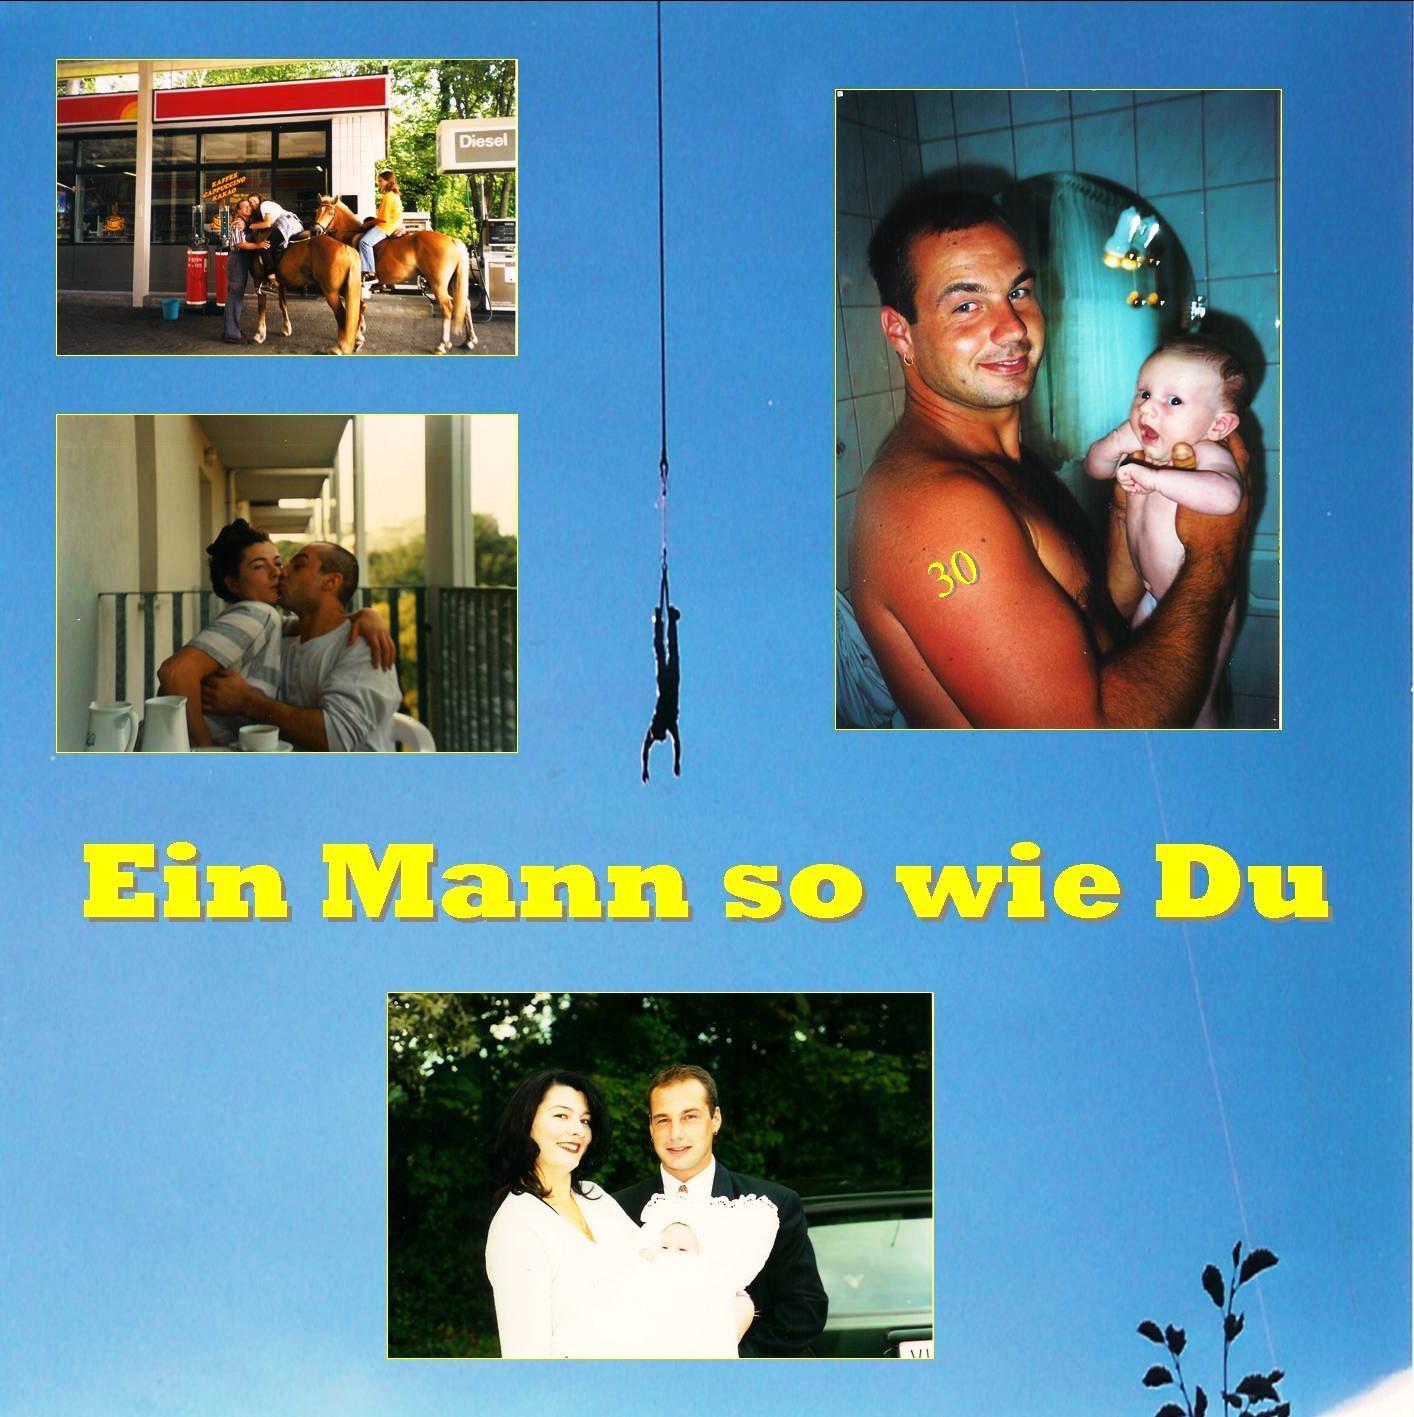 https://0501.nccdn.net/4_2/000/000/03f/ac7/Ein-Mann-so-wie-du--Cover-vorne--1414x1417.jpg